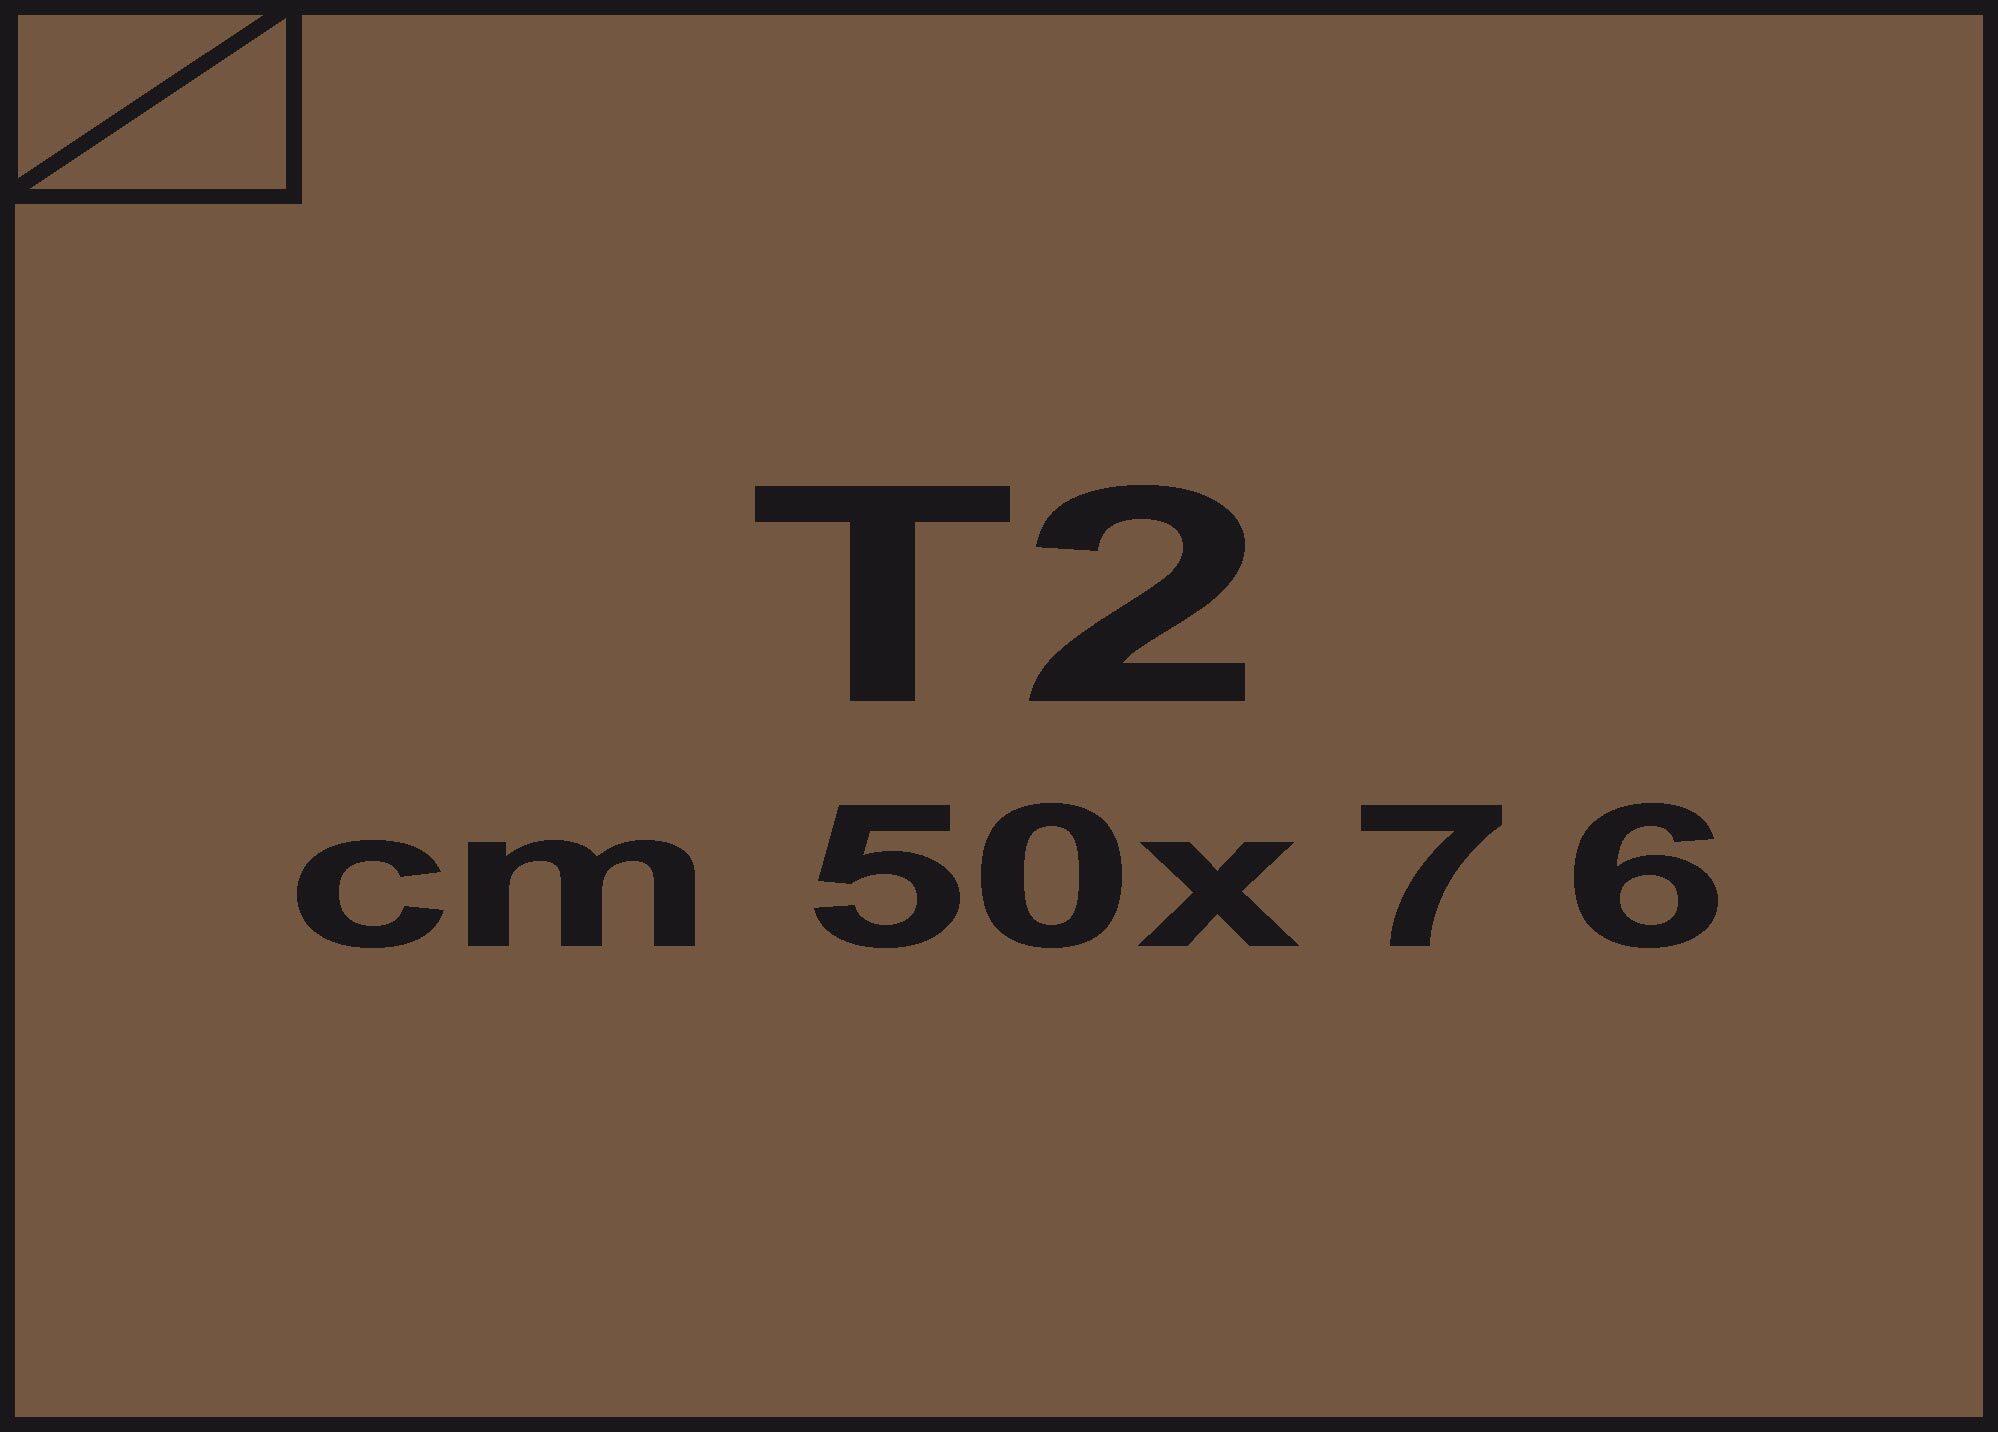 carta Carta velina Marrone scuro 47, formato T2 (50x76cm), 18grammi x mq.